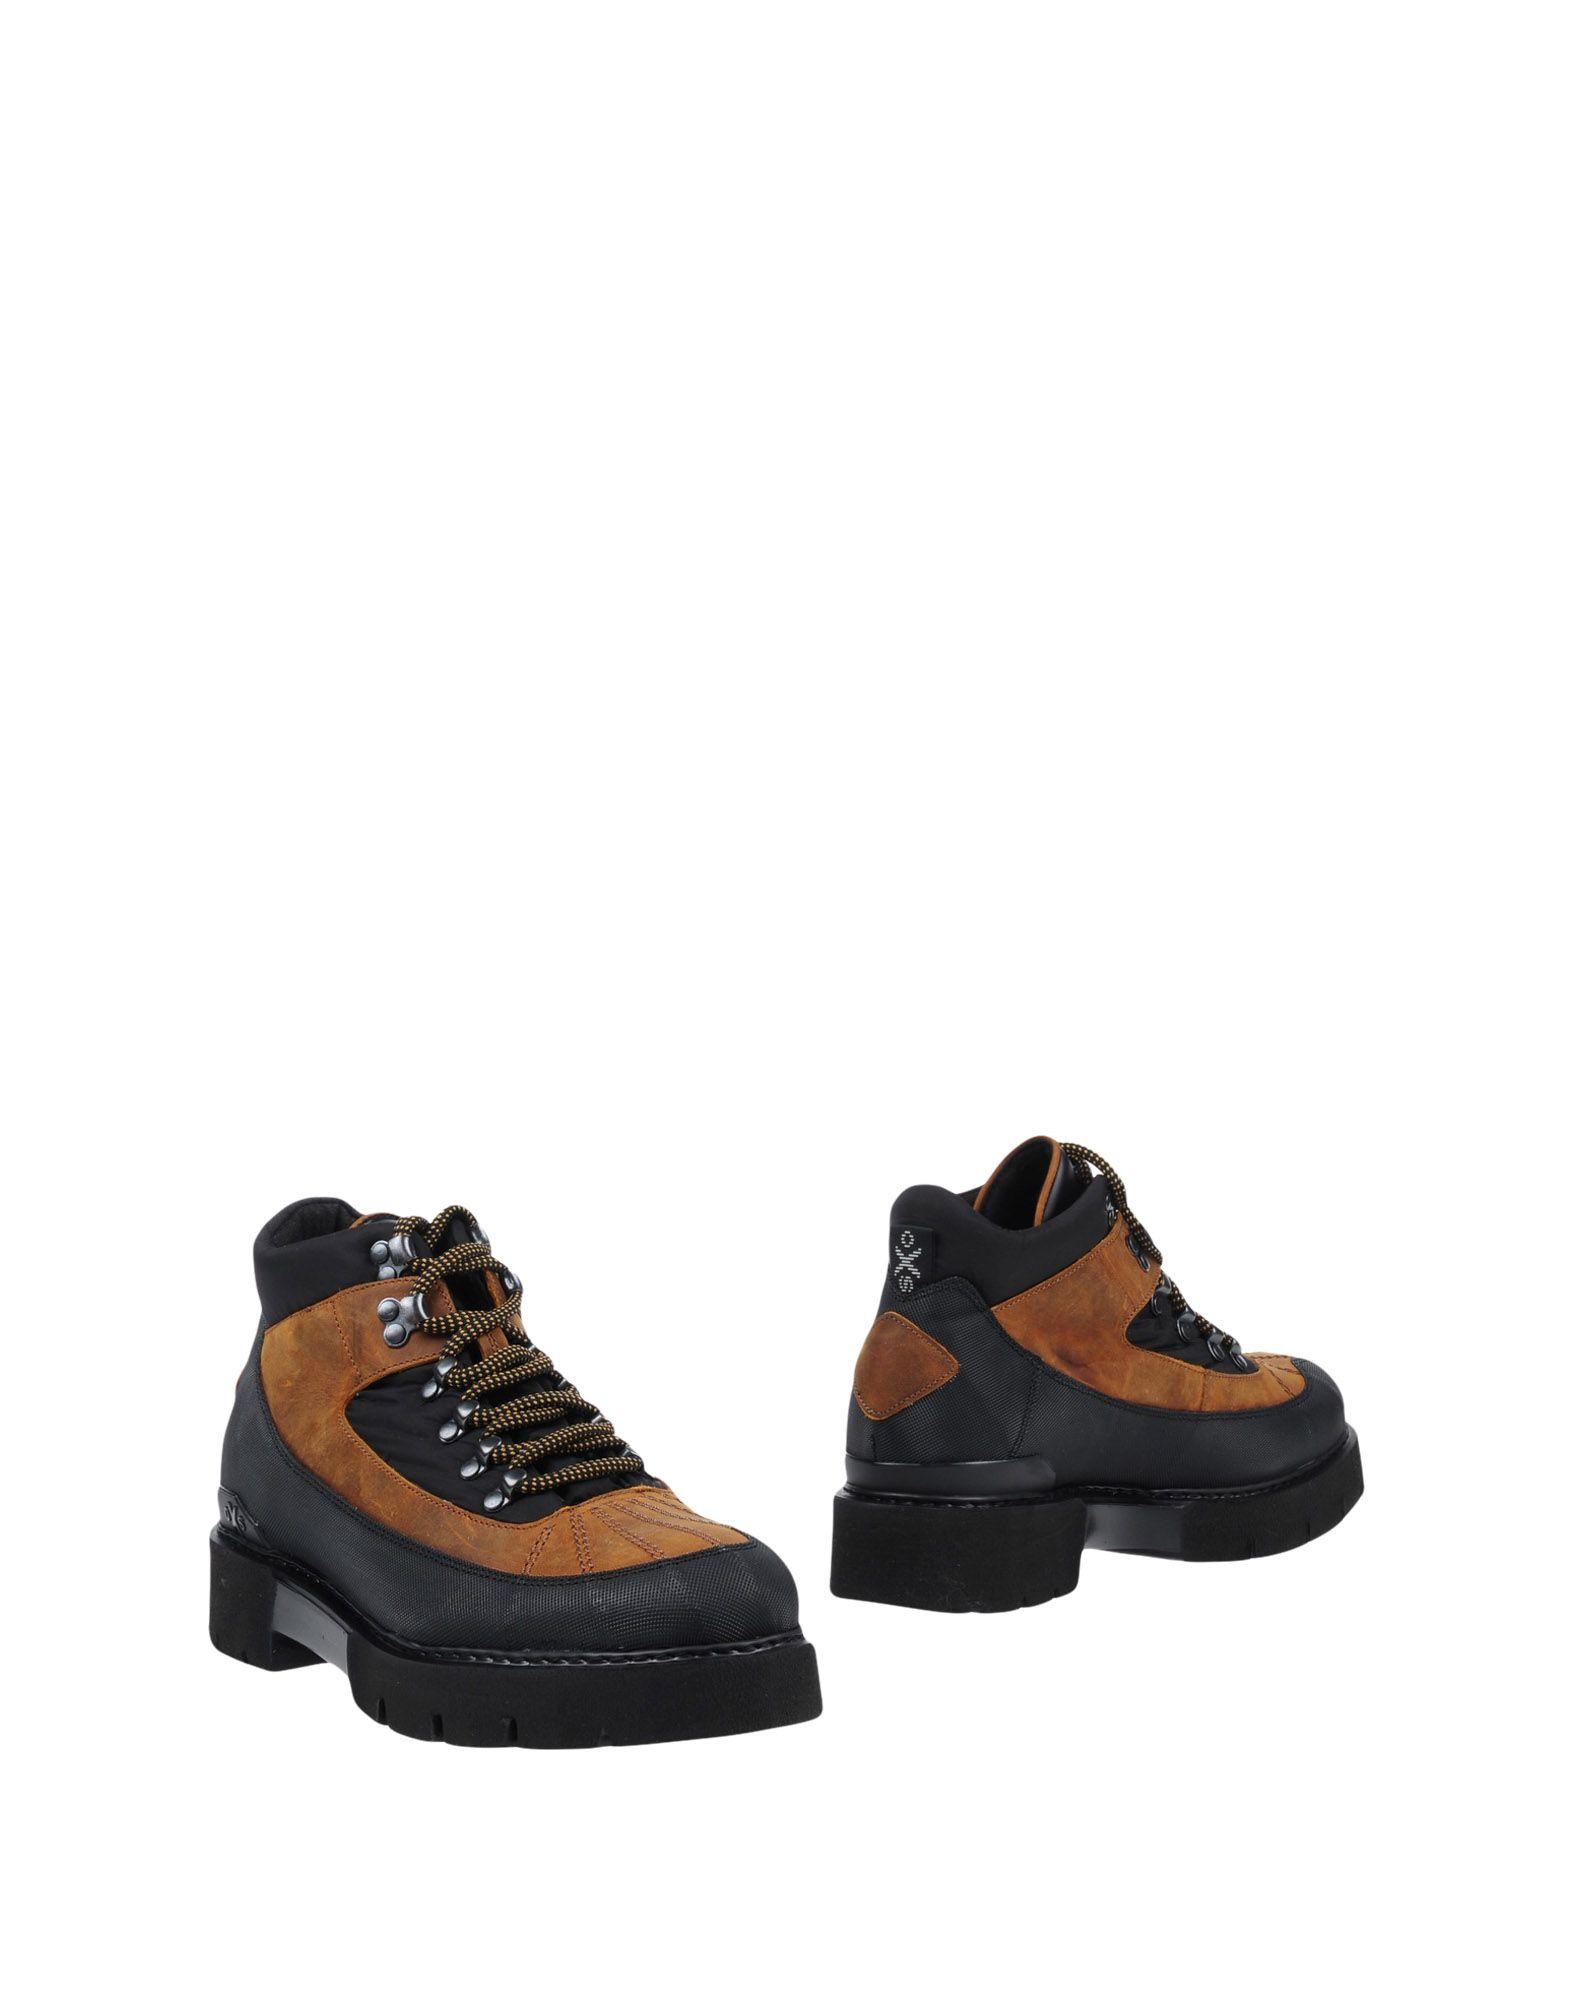 O.X.S. Stiefelette Herren  11457553MB Gute Qualität beliebte Schuhe